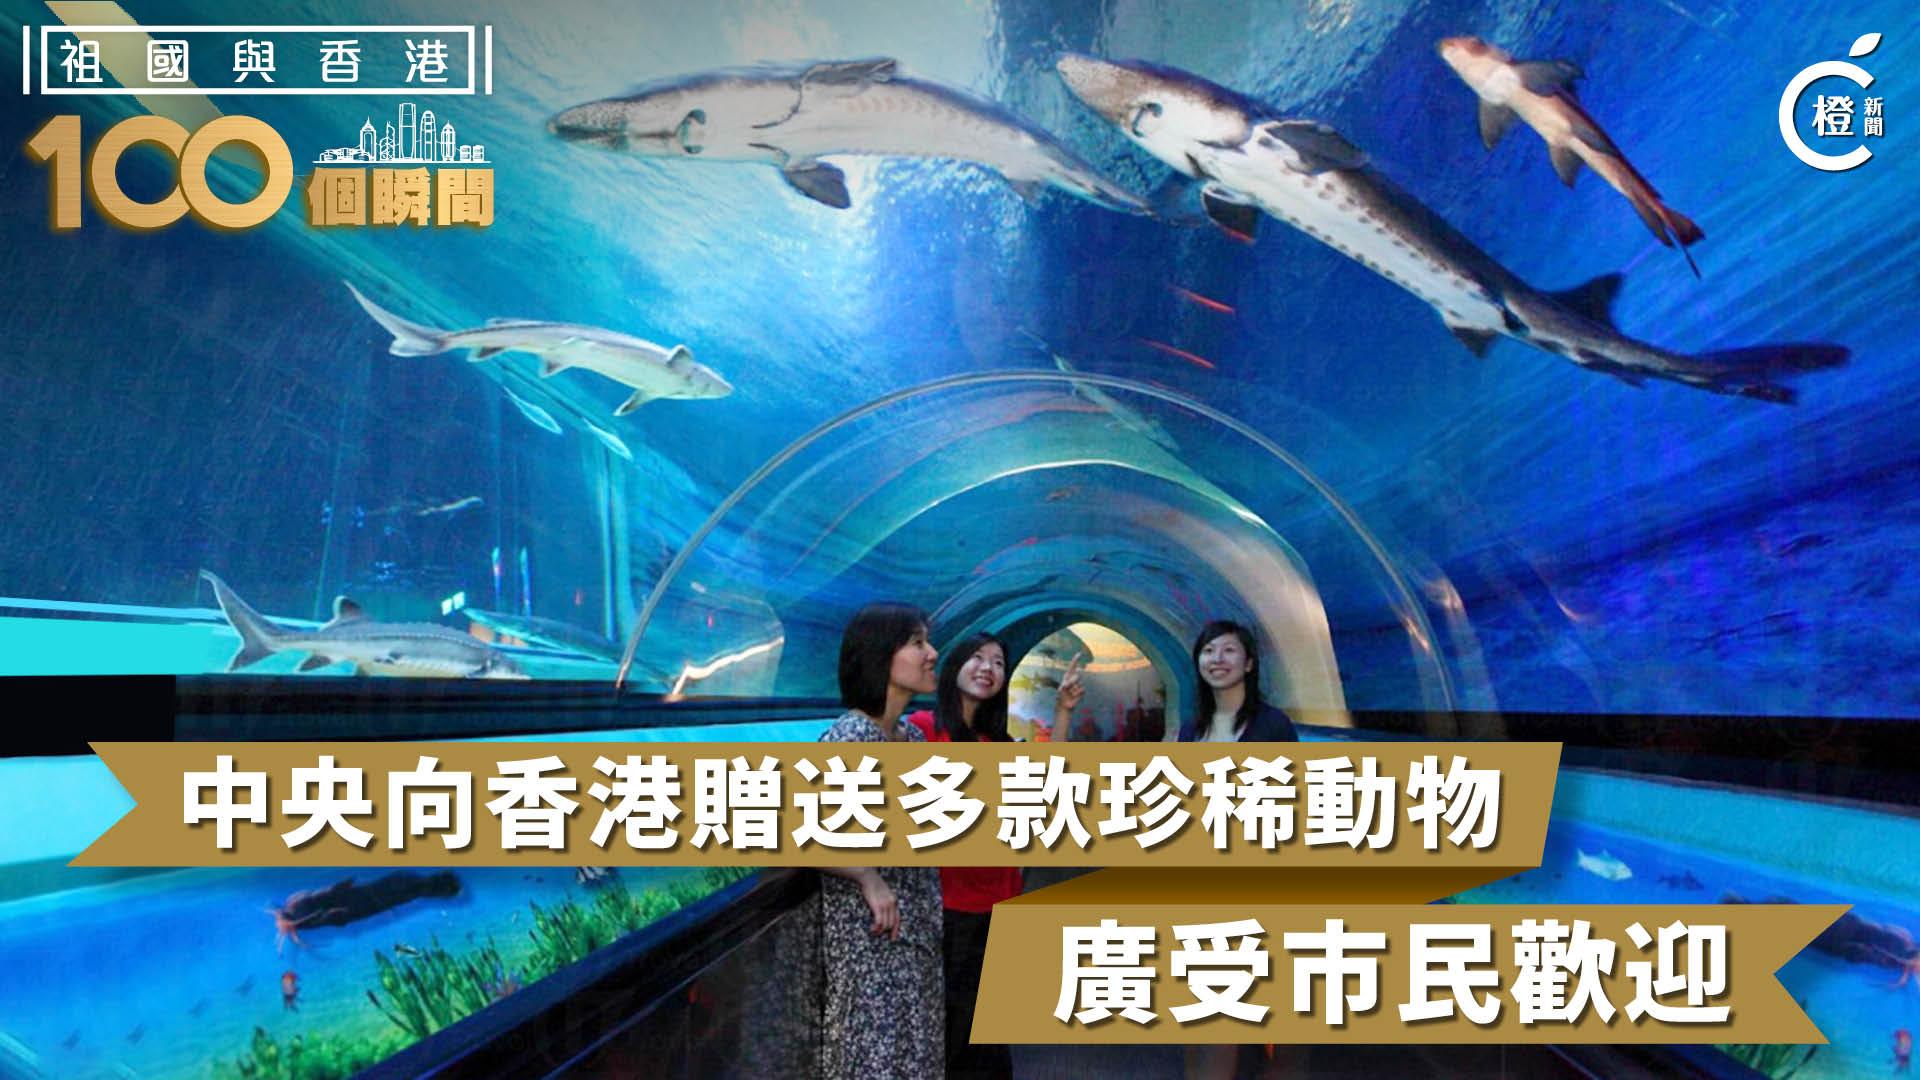 【祖國與香港100個瞬間】中央向香港贈送多款珍稀動物 廣受市民歡迎